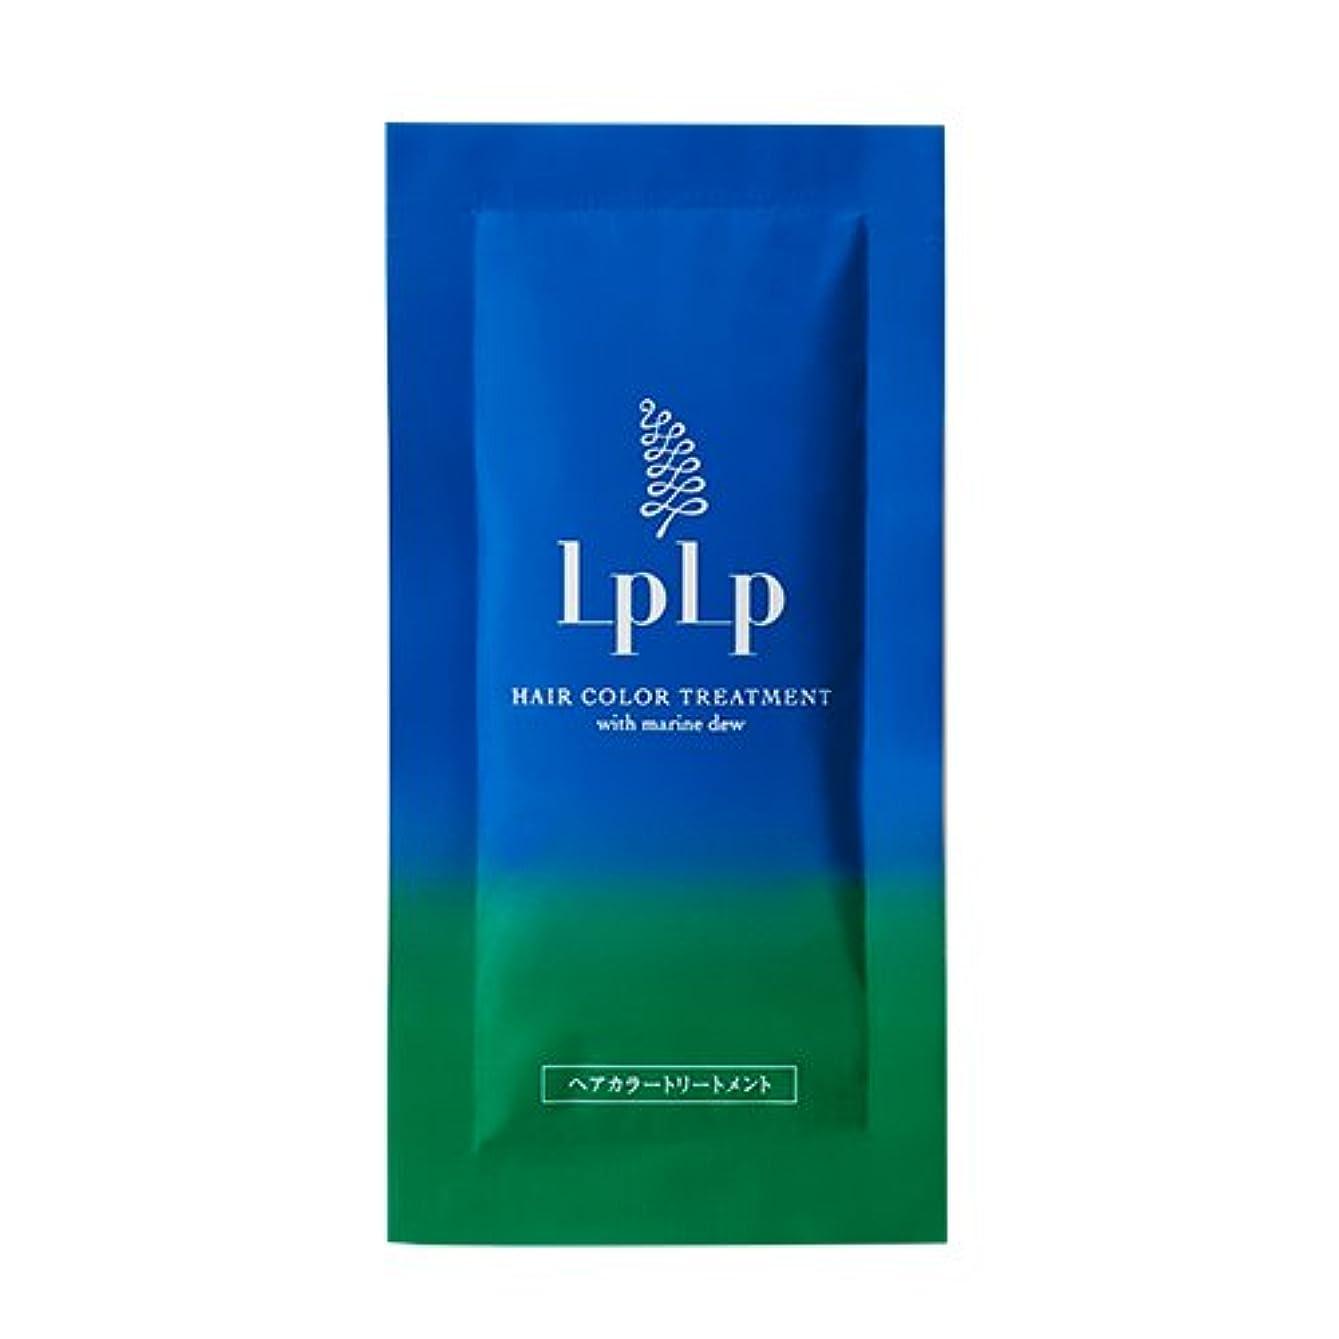 共産主義物質滝LPLP(ルプルプ)ヘアカラートリートメントお試しパウチ ブラウン